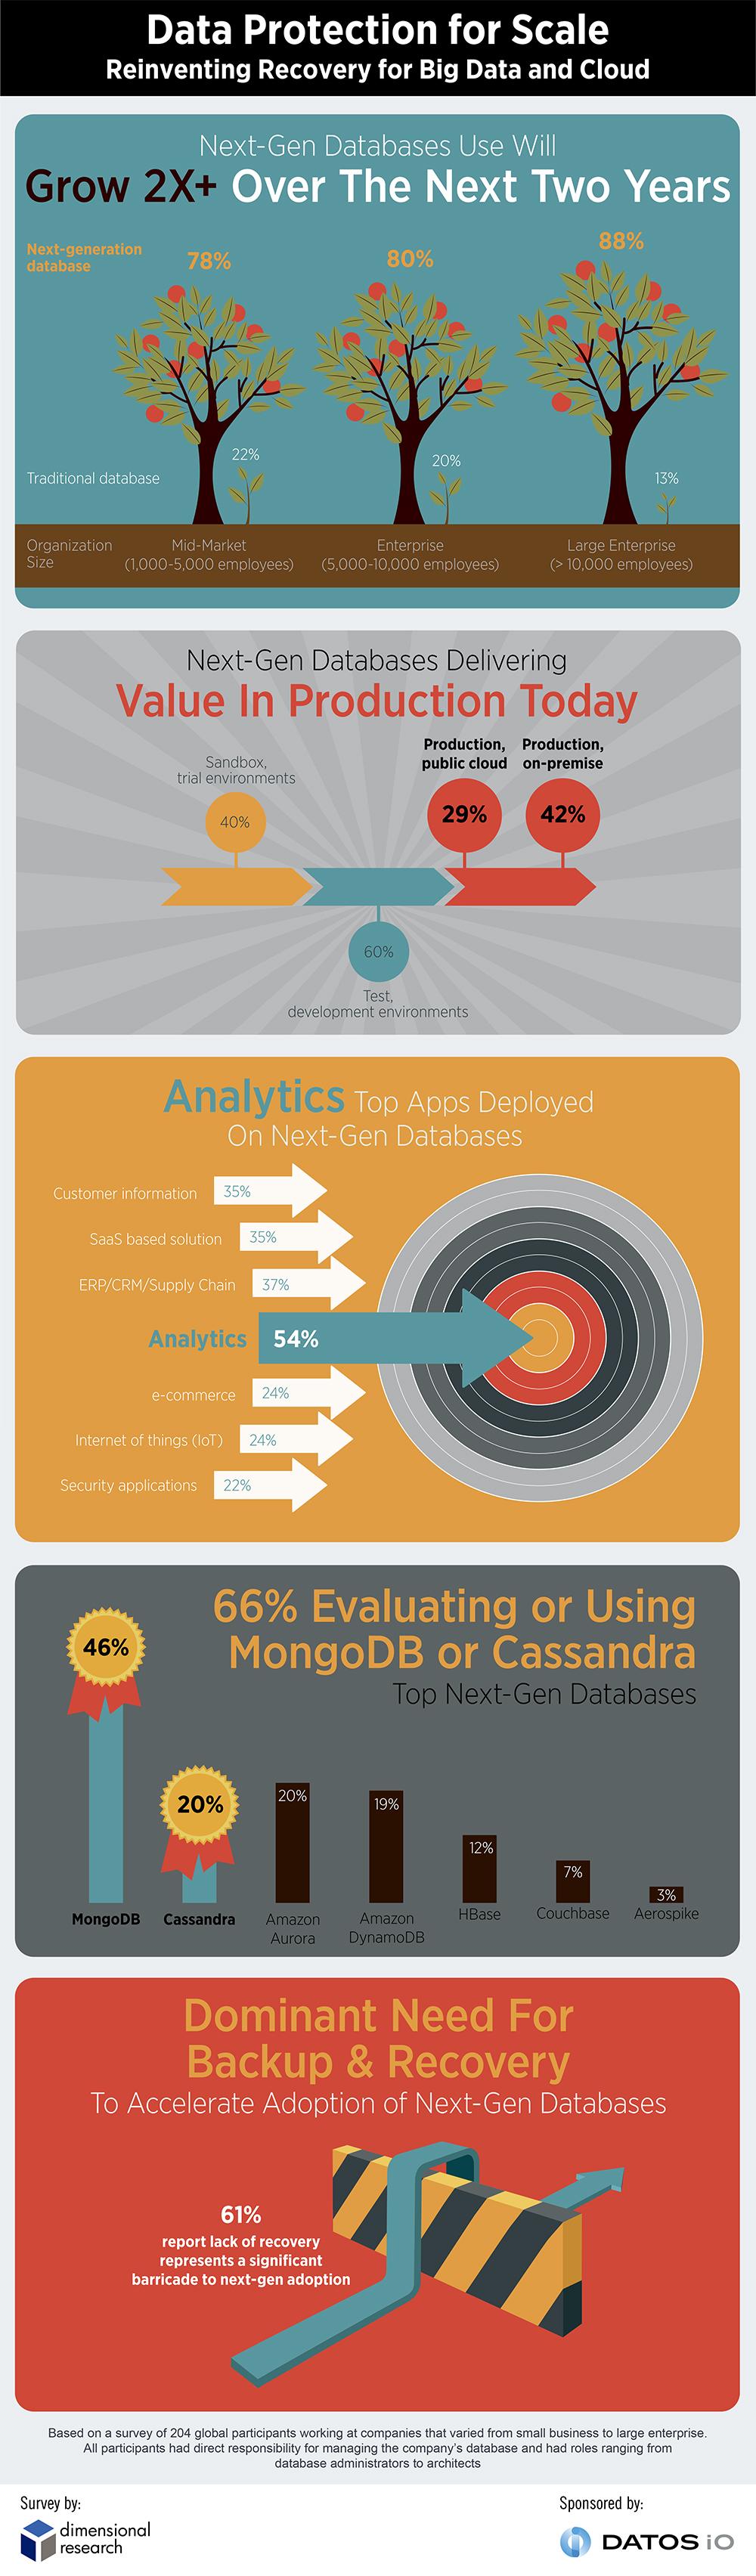 DatosIOMarketSurvey-Infographic-v5